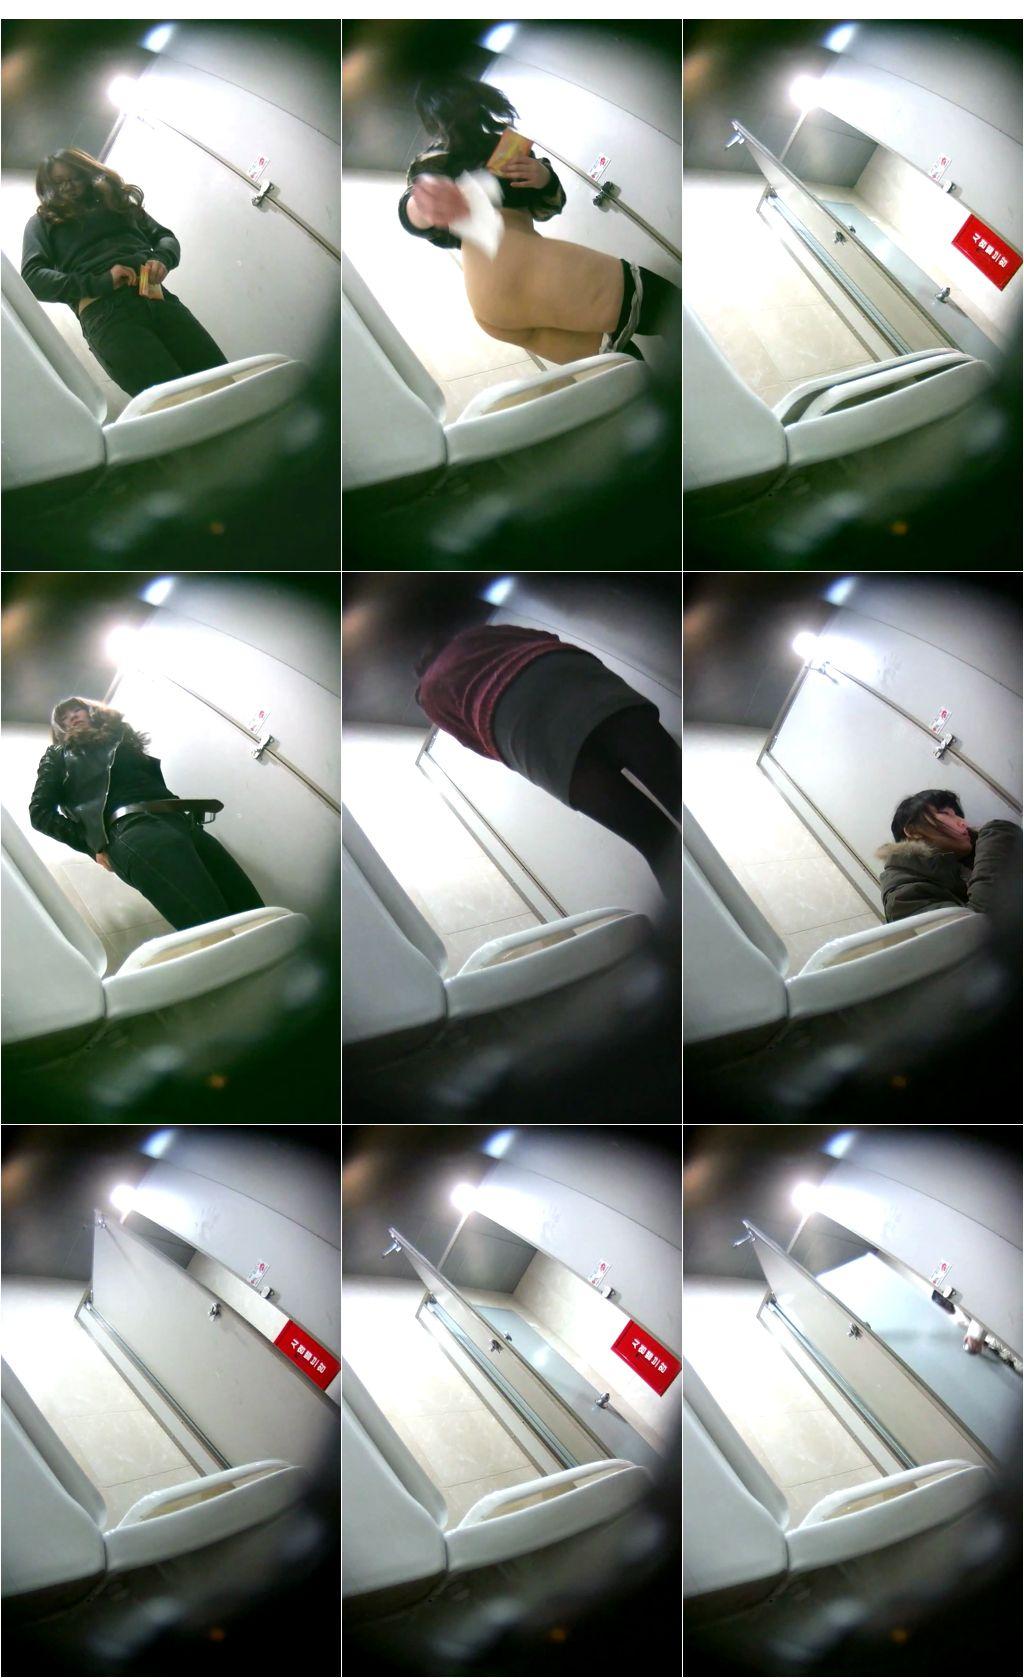 http://amazing-av.com/IMG/Korean_woman_toilet_1.jpeg